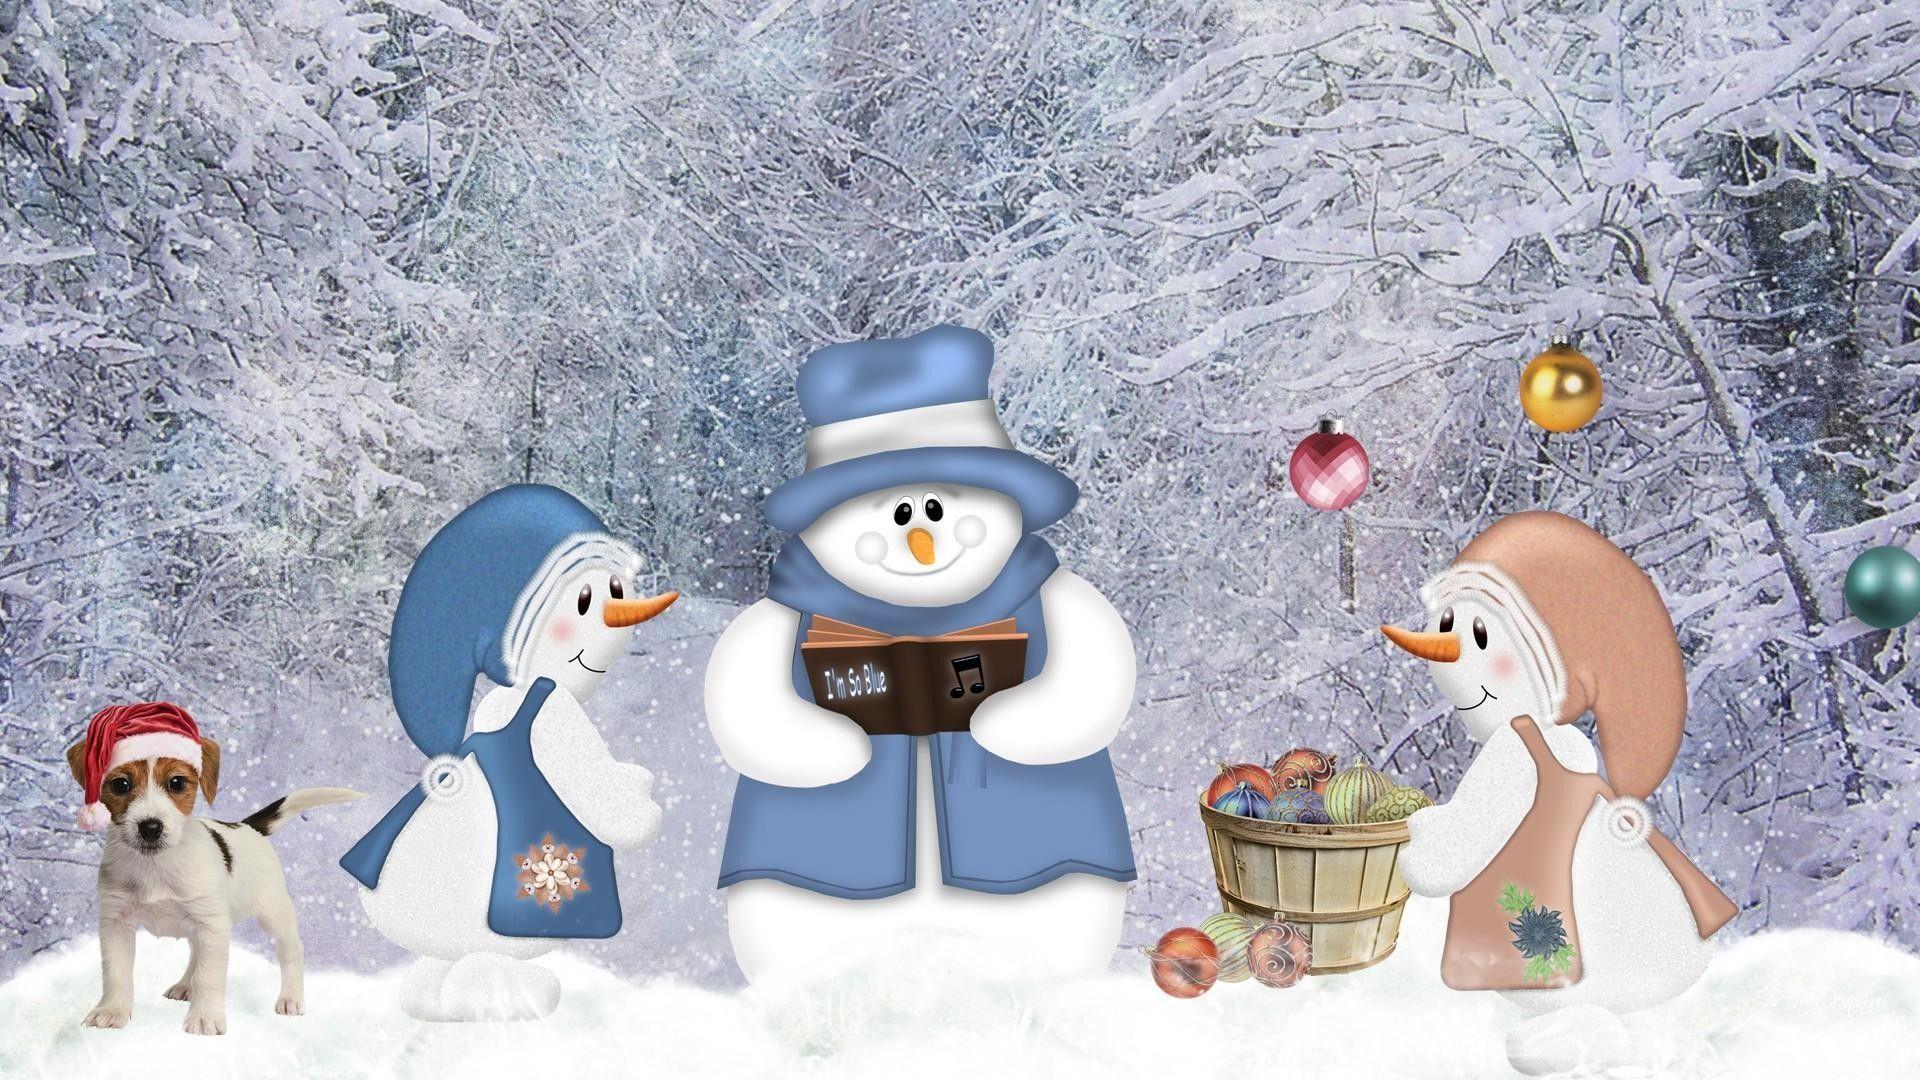 Snowman Desktop Wallpapers Top Free Snowman Desktop Backgrounds Wallpaperaccess